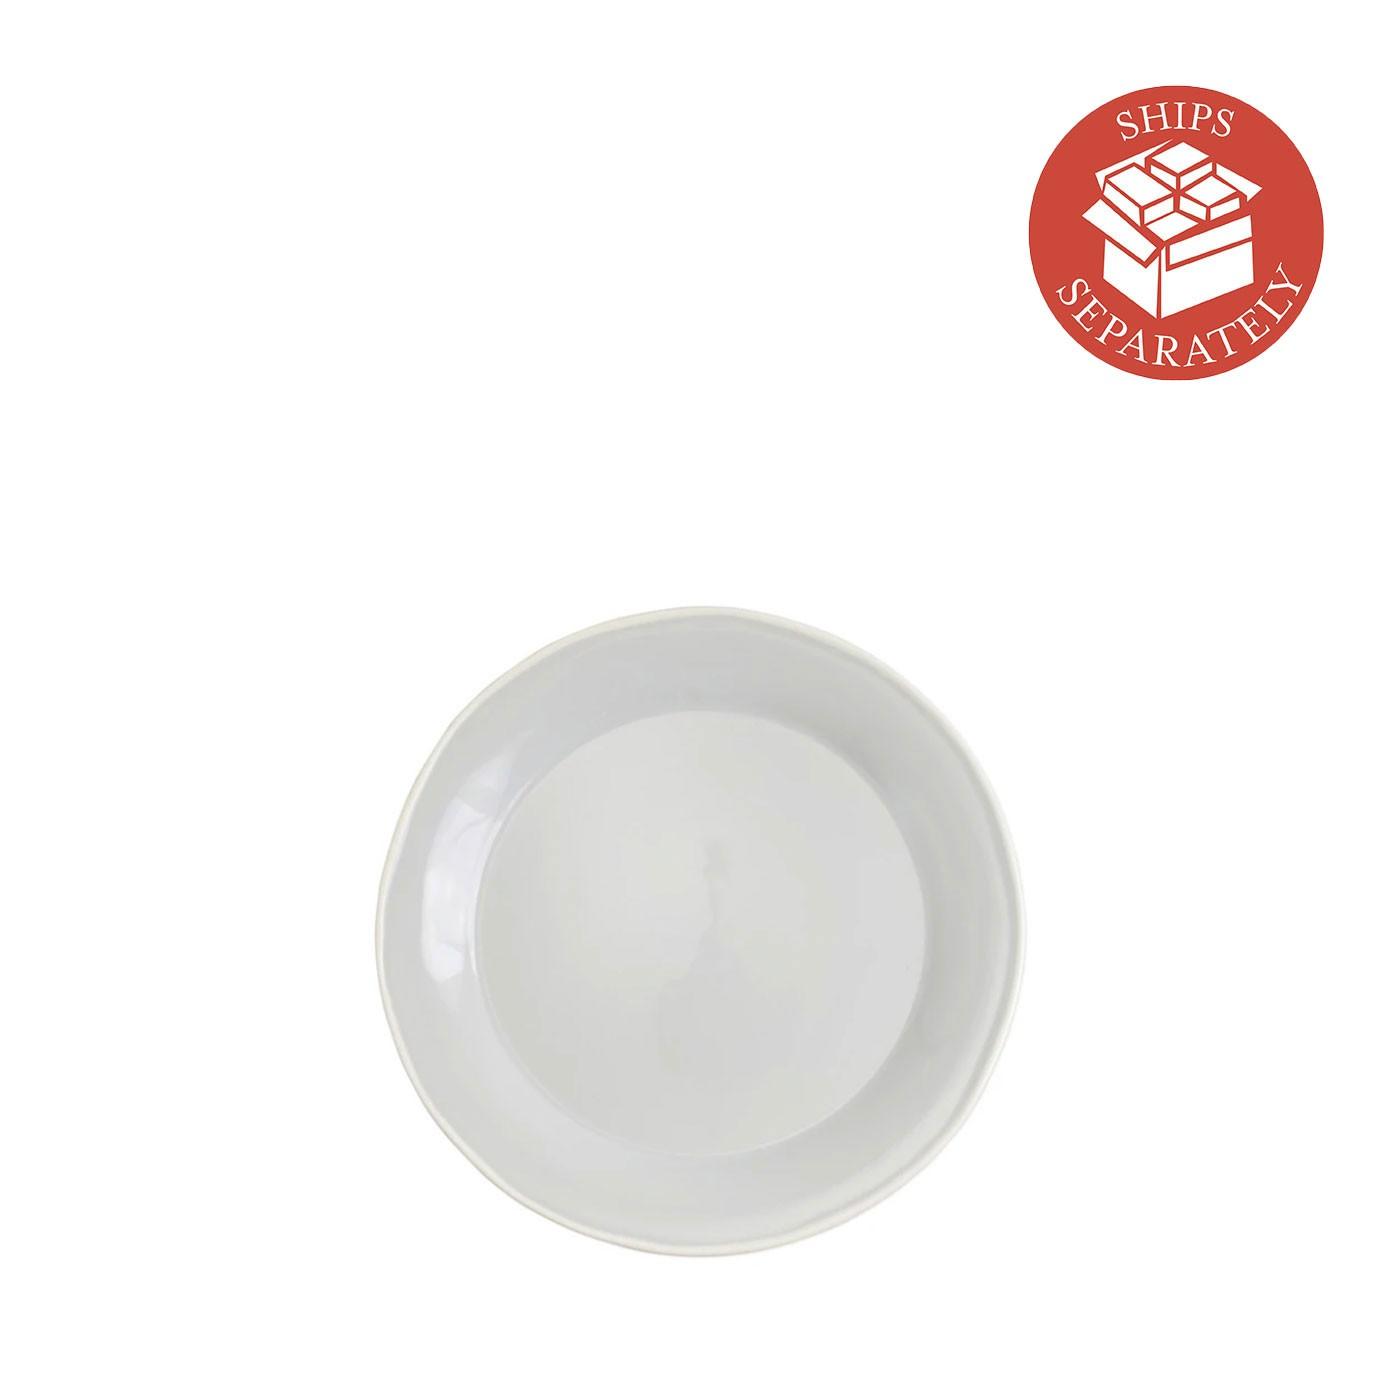 Chroma Light Gray  Salad Plate - Vietri | Eataly.com